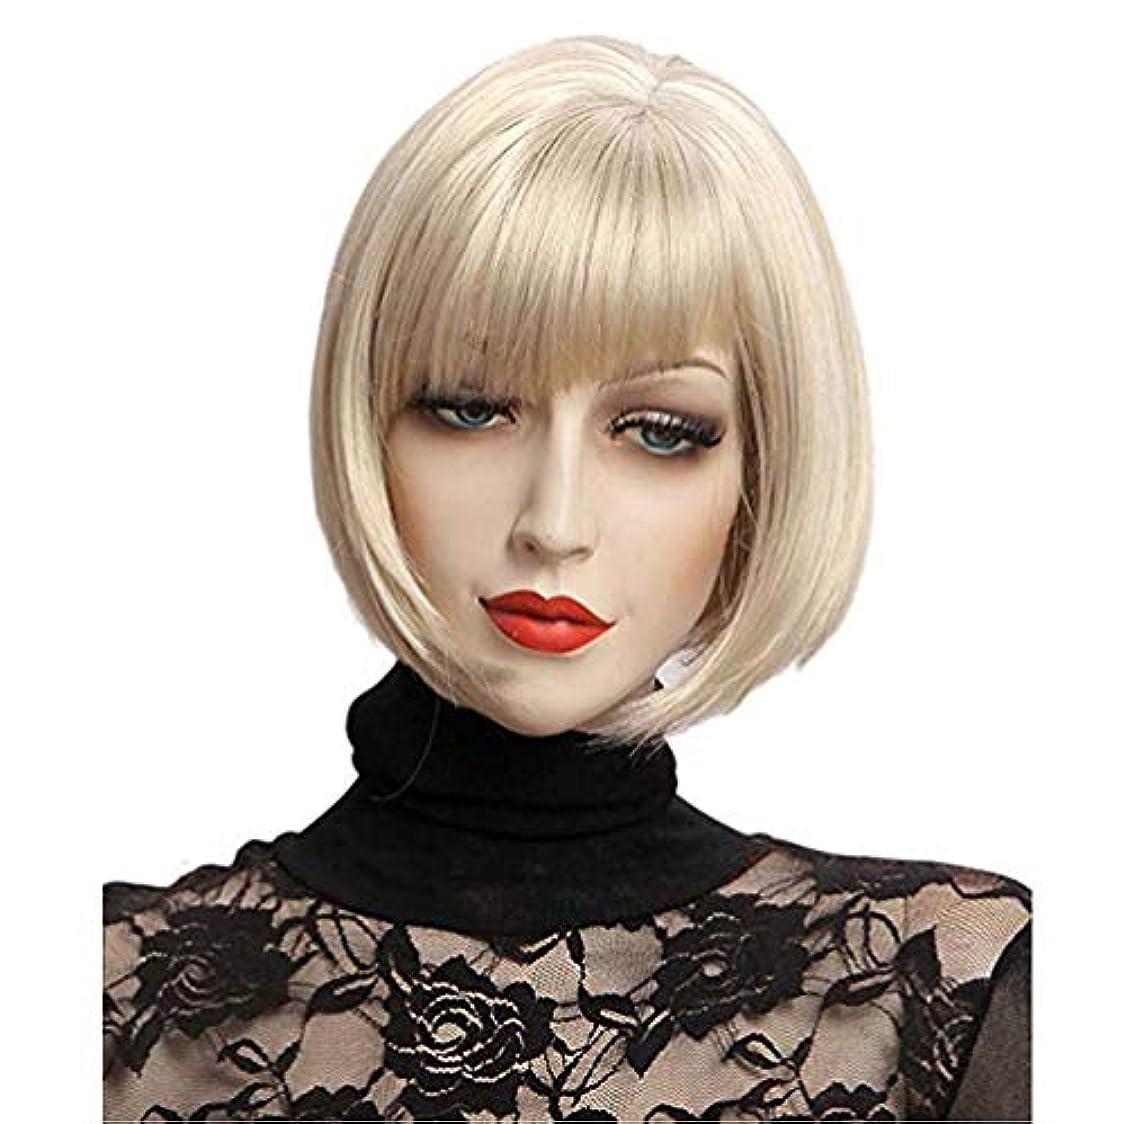 ハリウッド嫌がる鮮やかな女性合成ボブショートウィッグカラー耐熱コスプレパーティーヘアウィッグ30cm